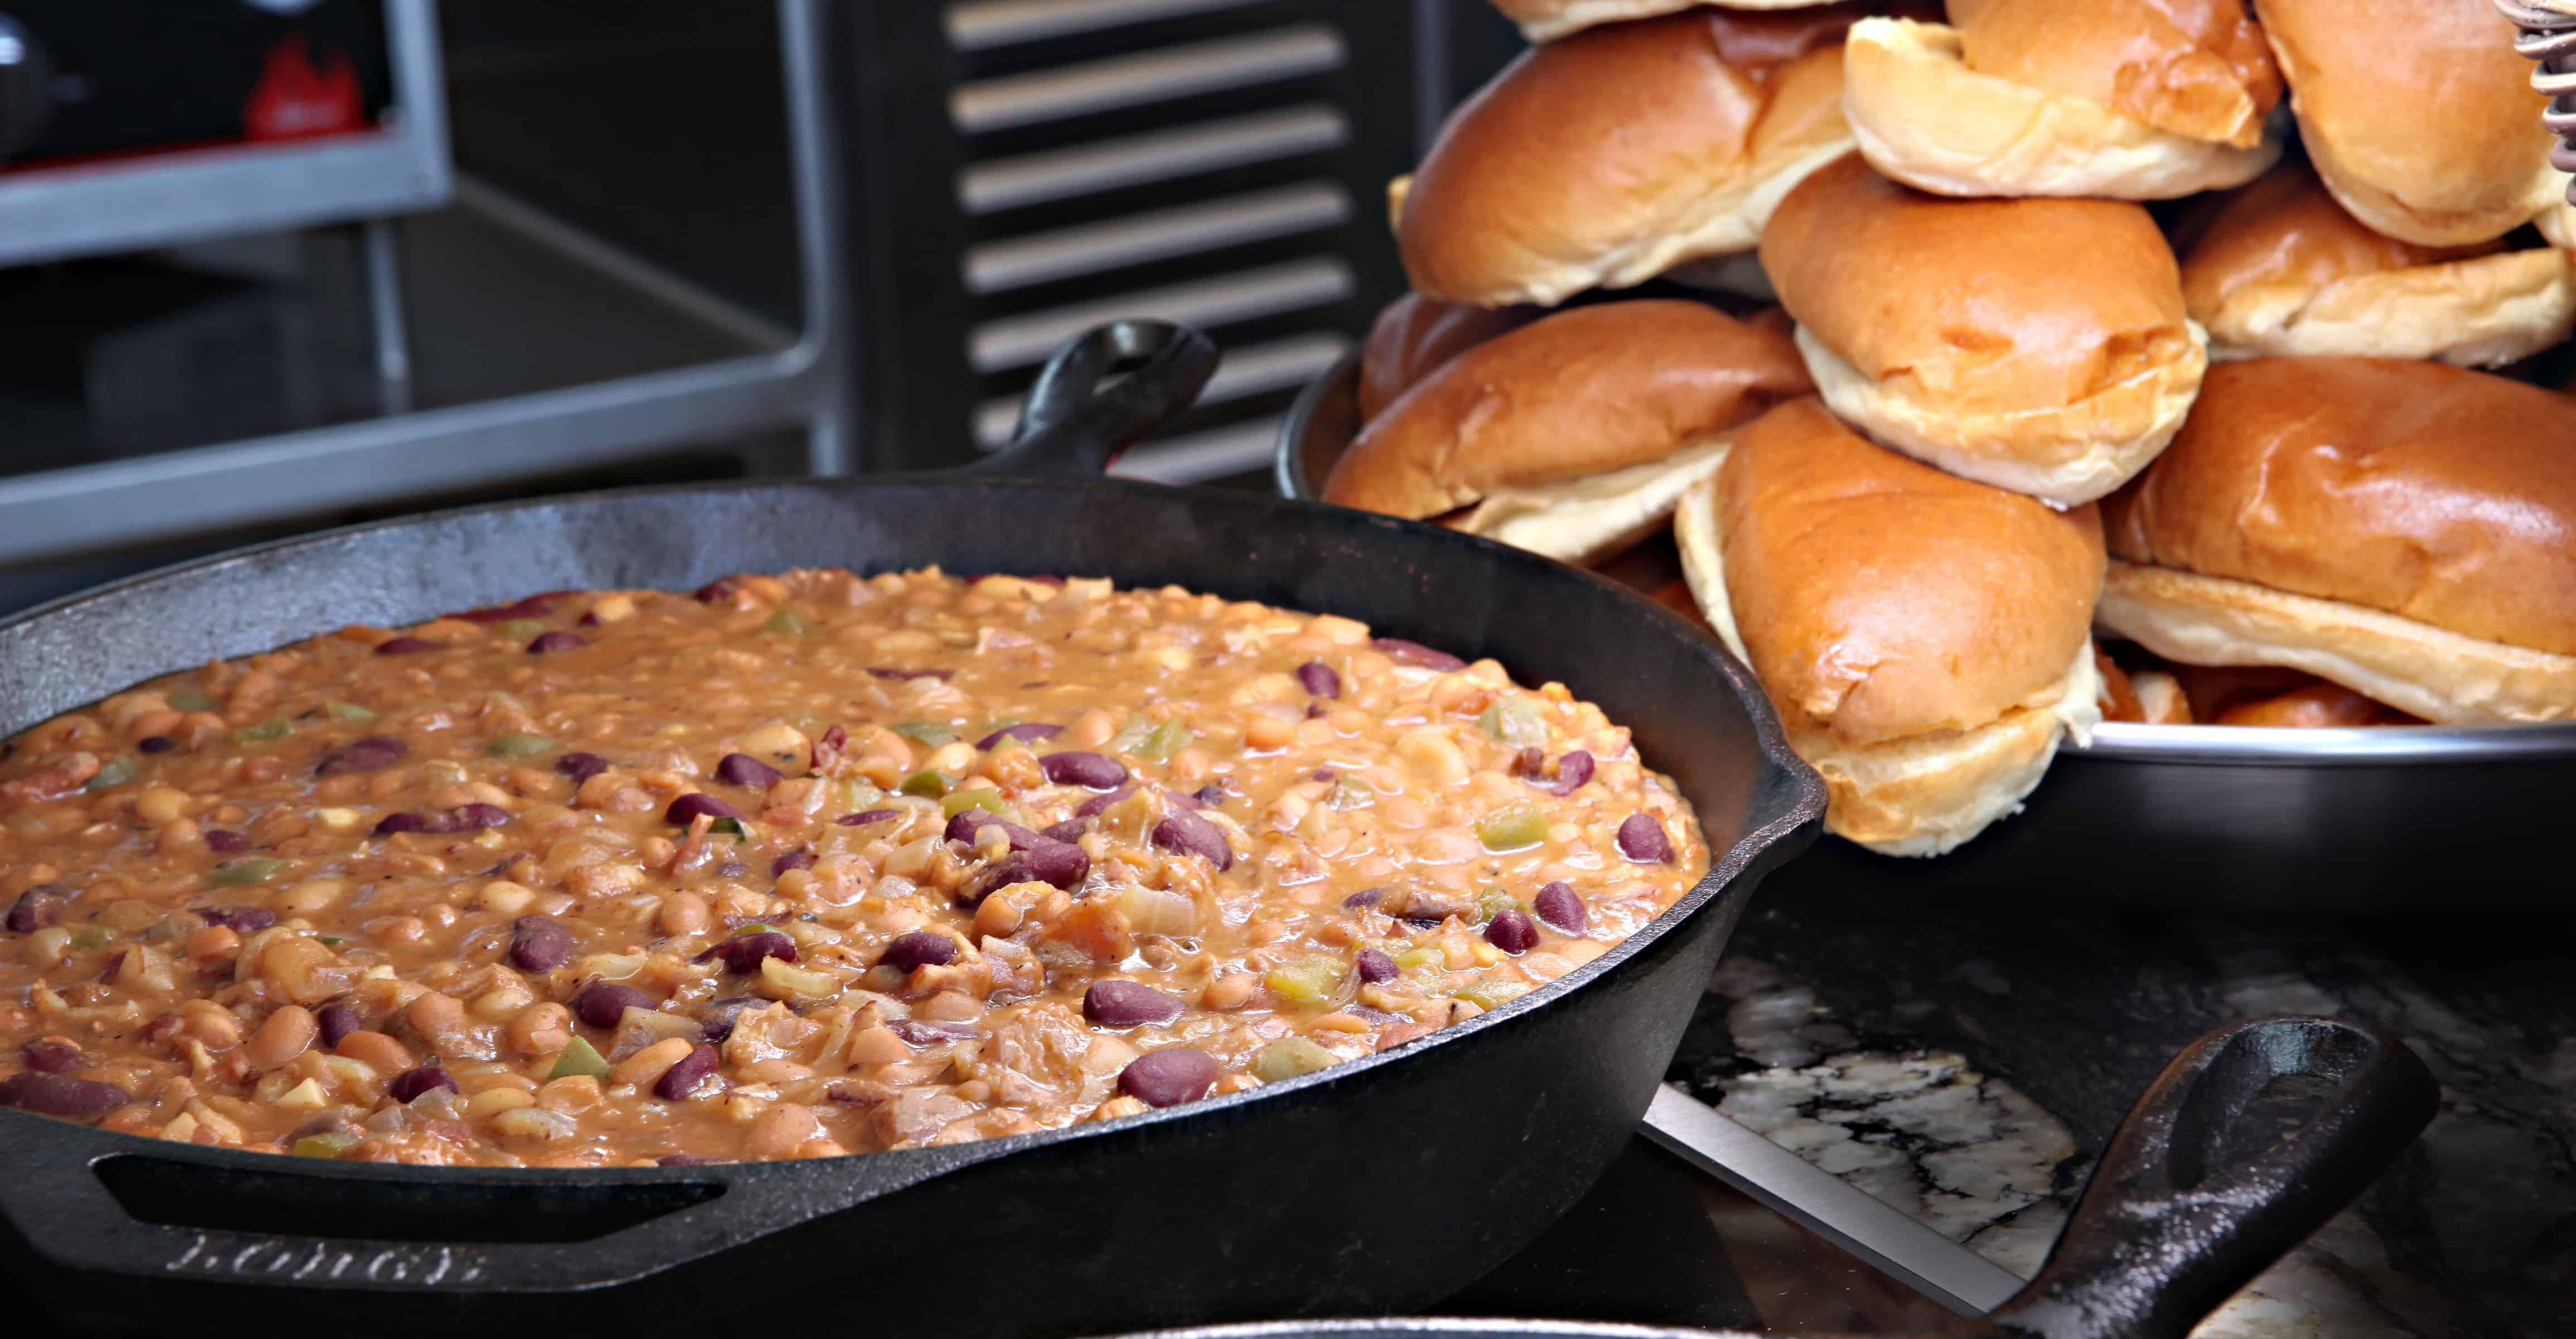 Guy S Pig Amp Anchor Bar B Que Smokehouse Photo Gallery